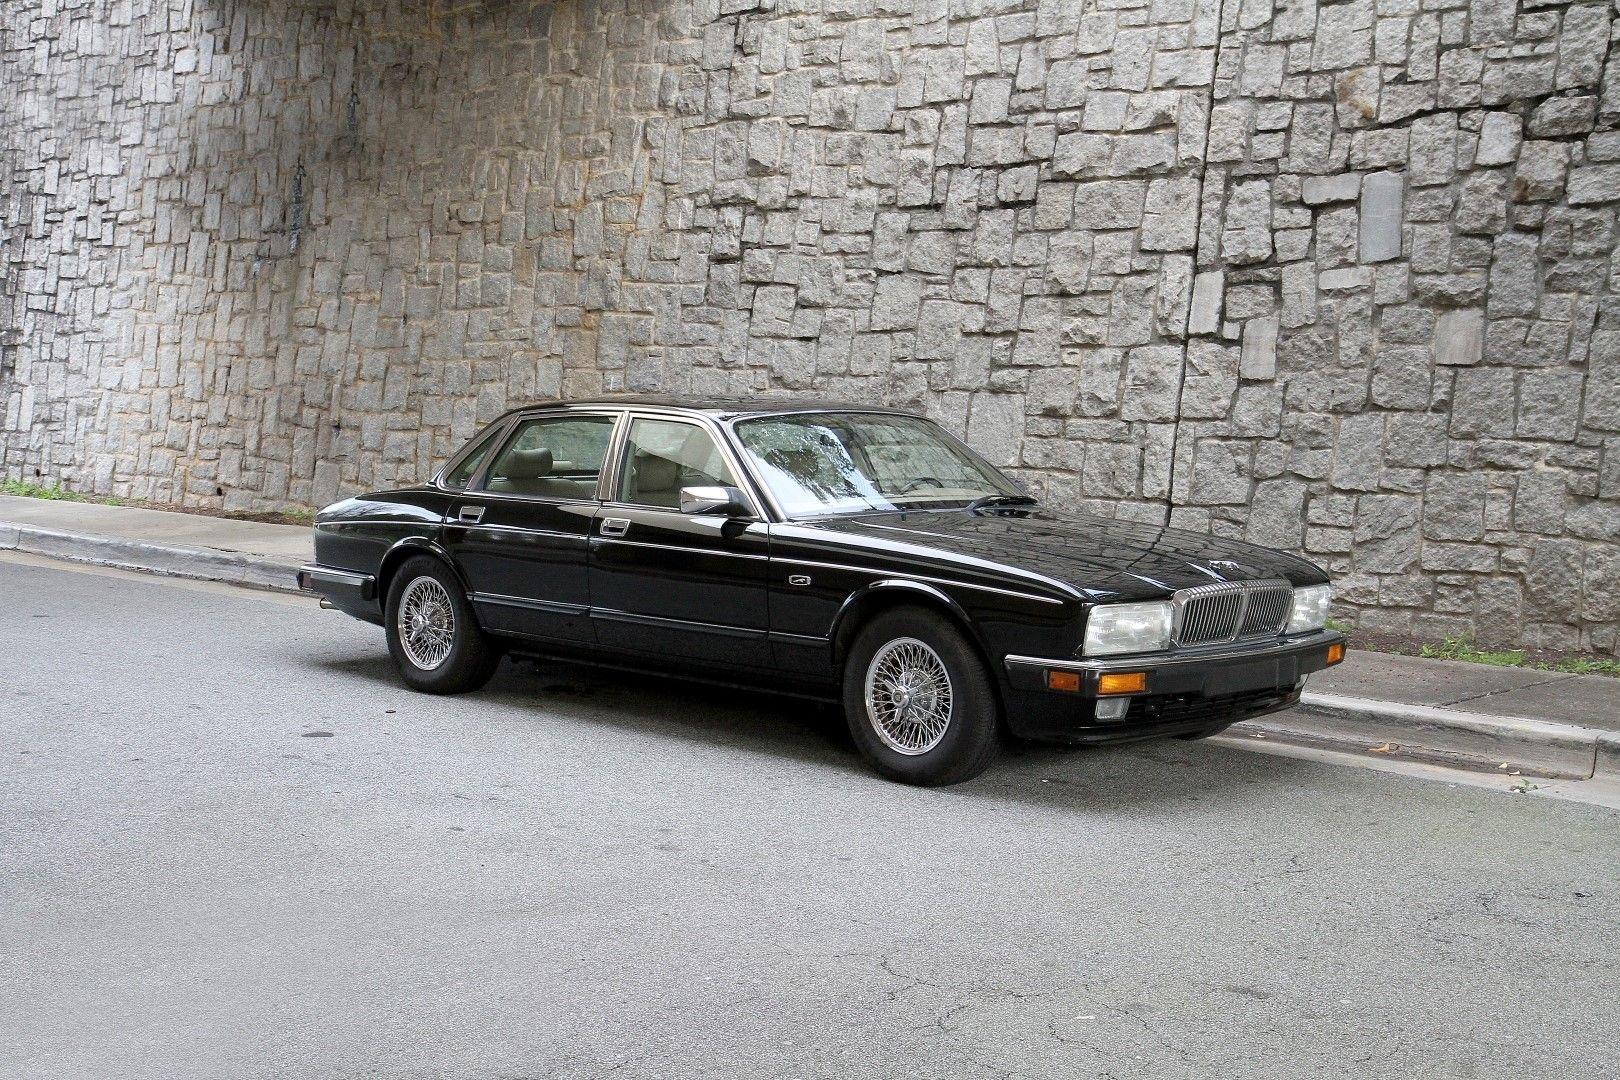 1994 jaguar xj6 vanden plas